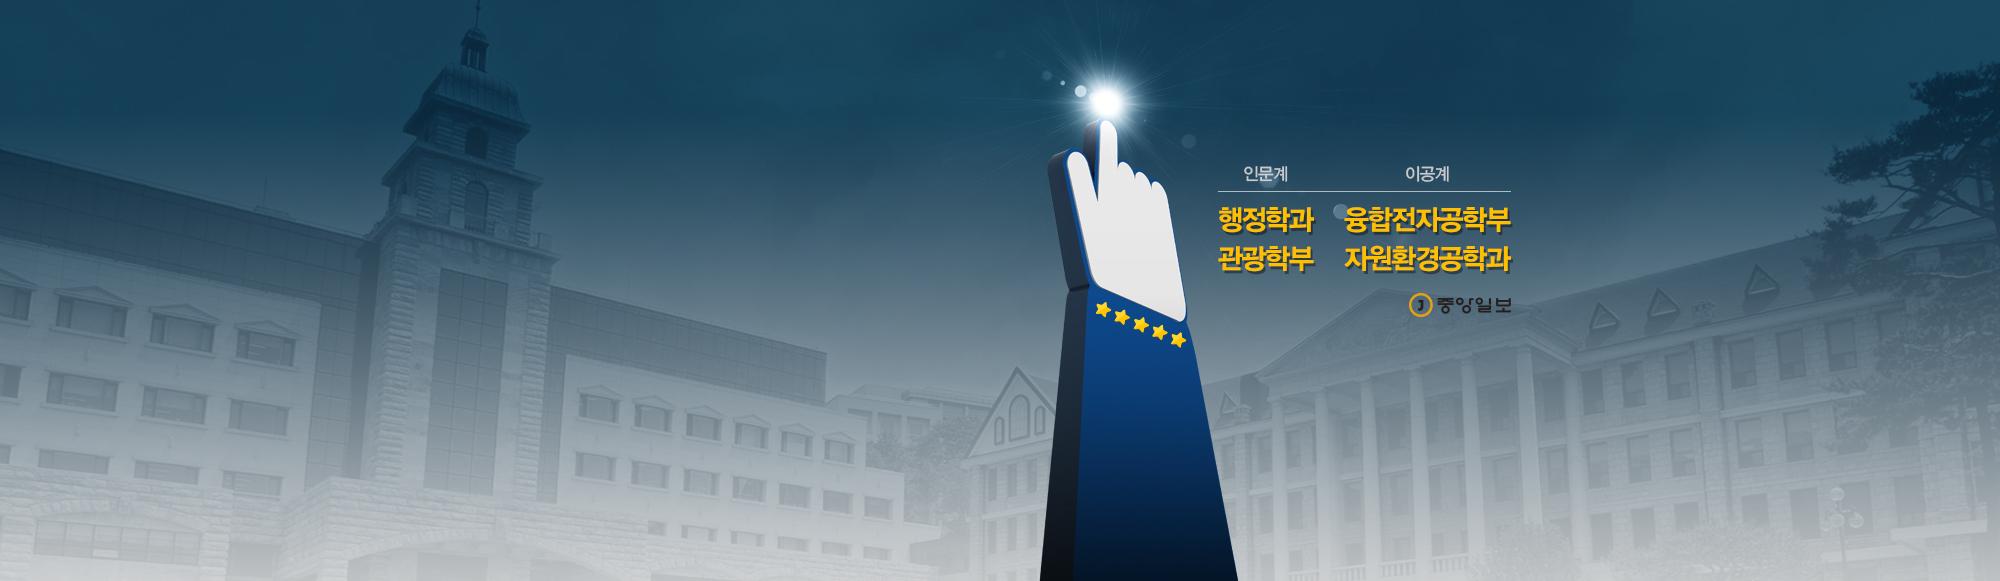 2017 중앙일보 학과평가